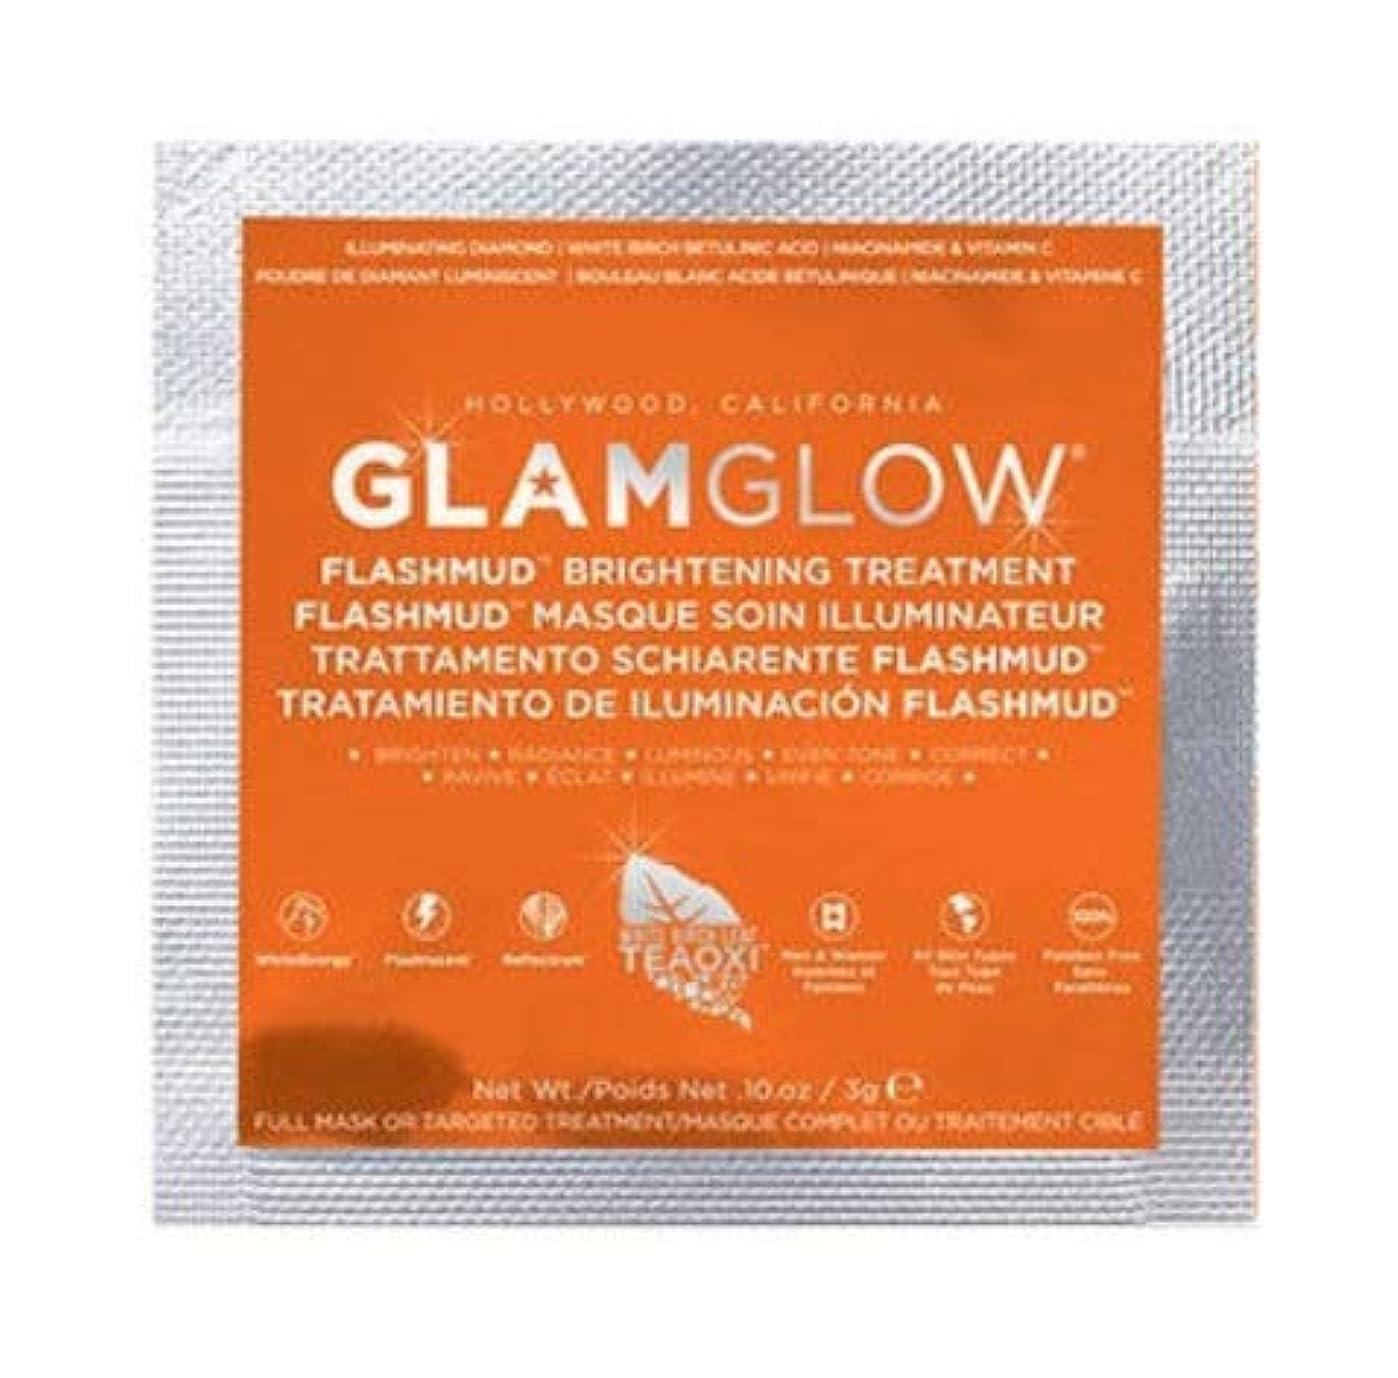 面倒変更可能ハリケーン【サンプルサイズ】グラムグロウ (GLAMGLOW) FLASHMUD 3g (1回分) [並行輸入品]